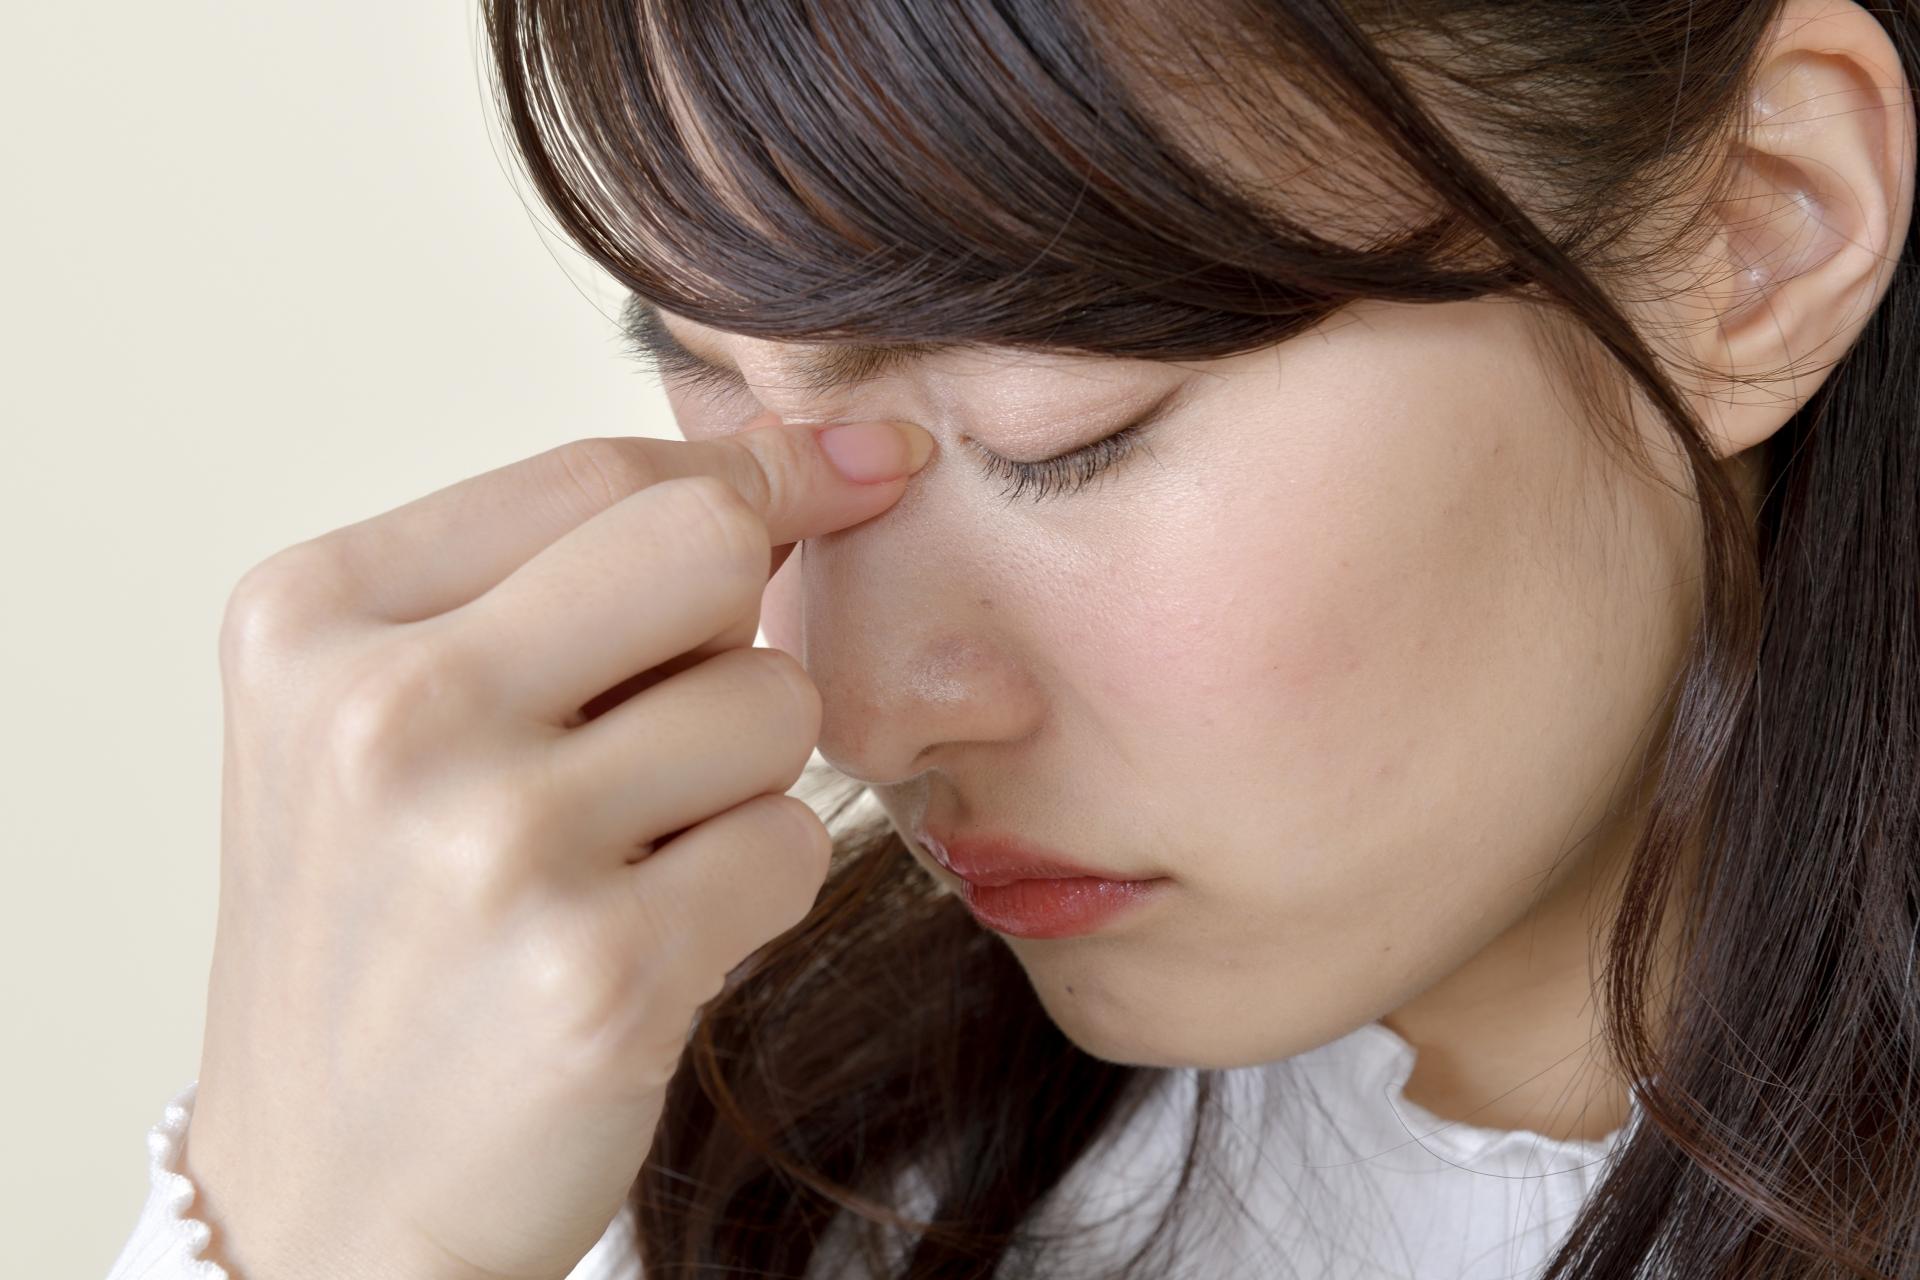 目の病気?女性に多いサルコイドーシス